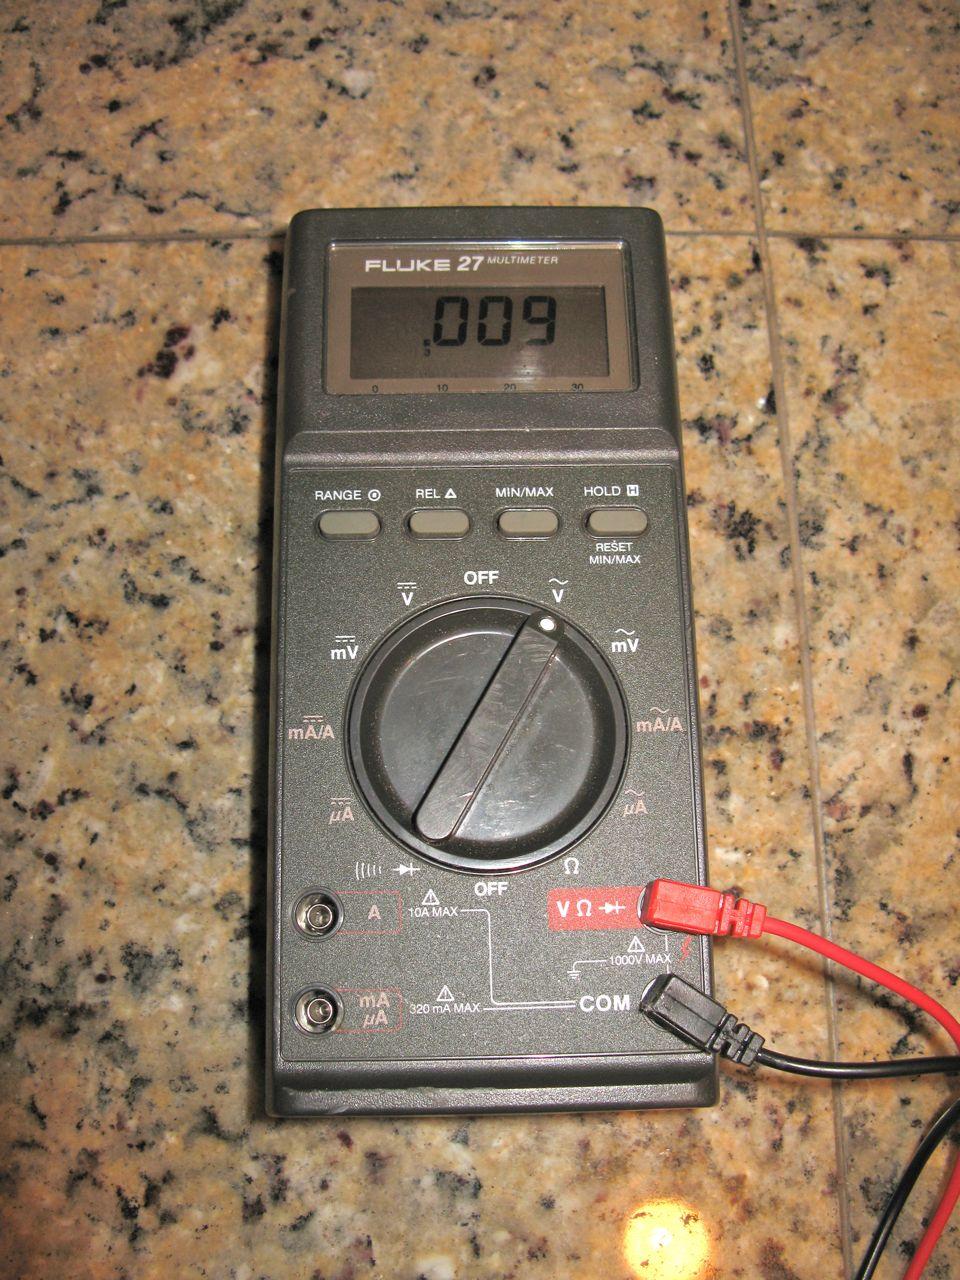 Ebikerider New Fluke 27 Multimeter From Ebay